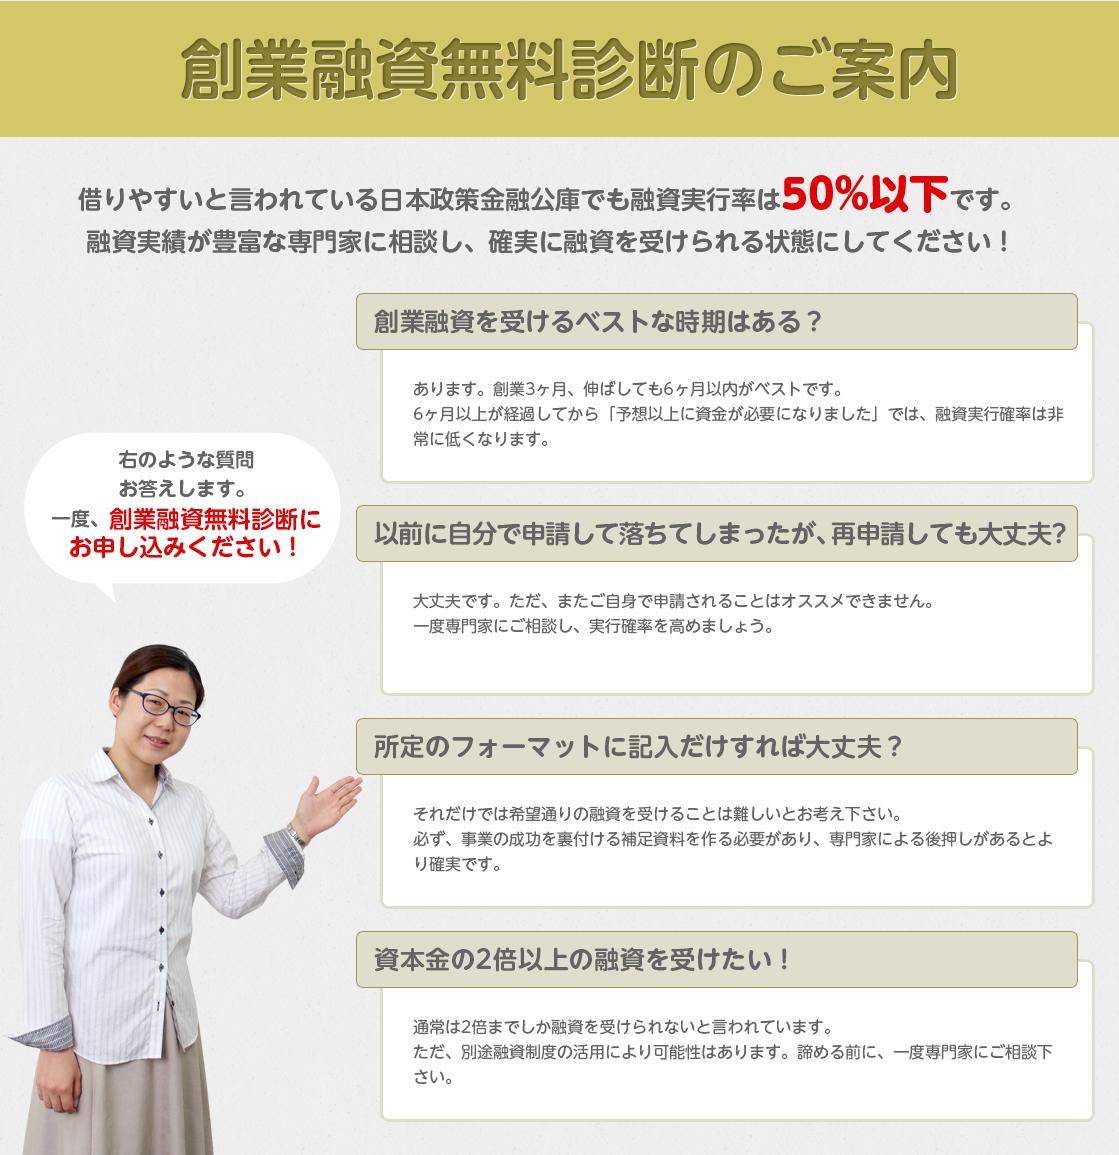 bnr_shindan02